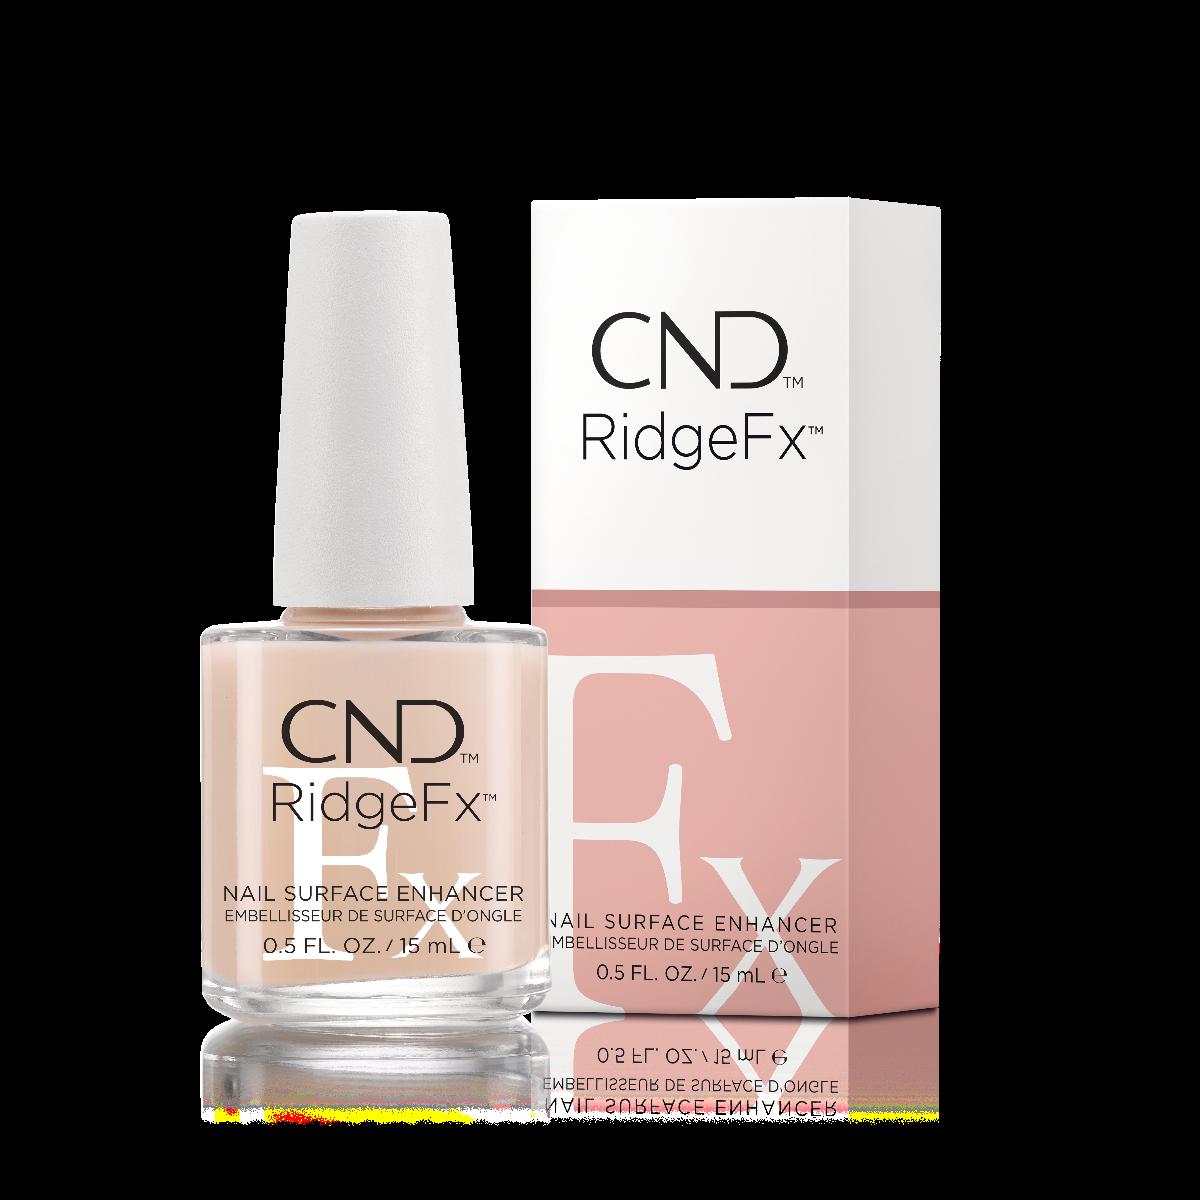 CND RidgeFx Embellisseur de Surface d'Ongle (15mL)